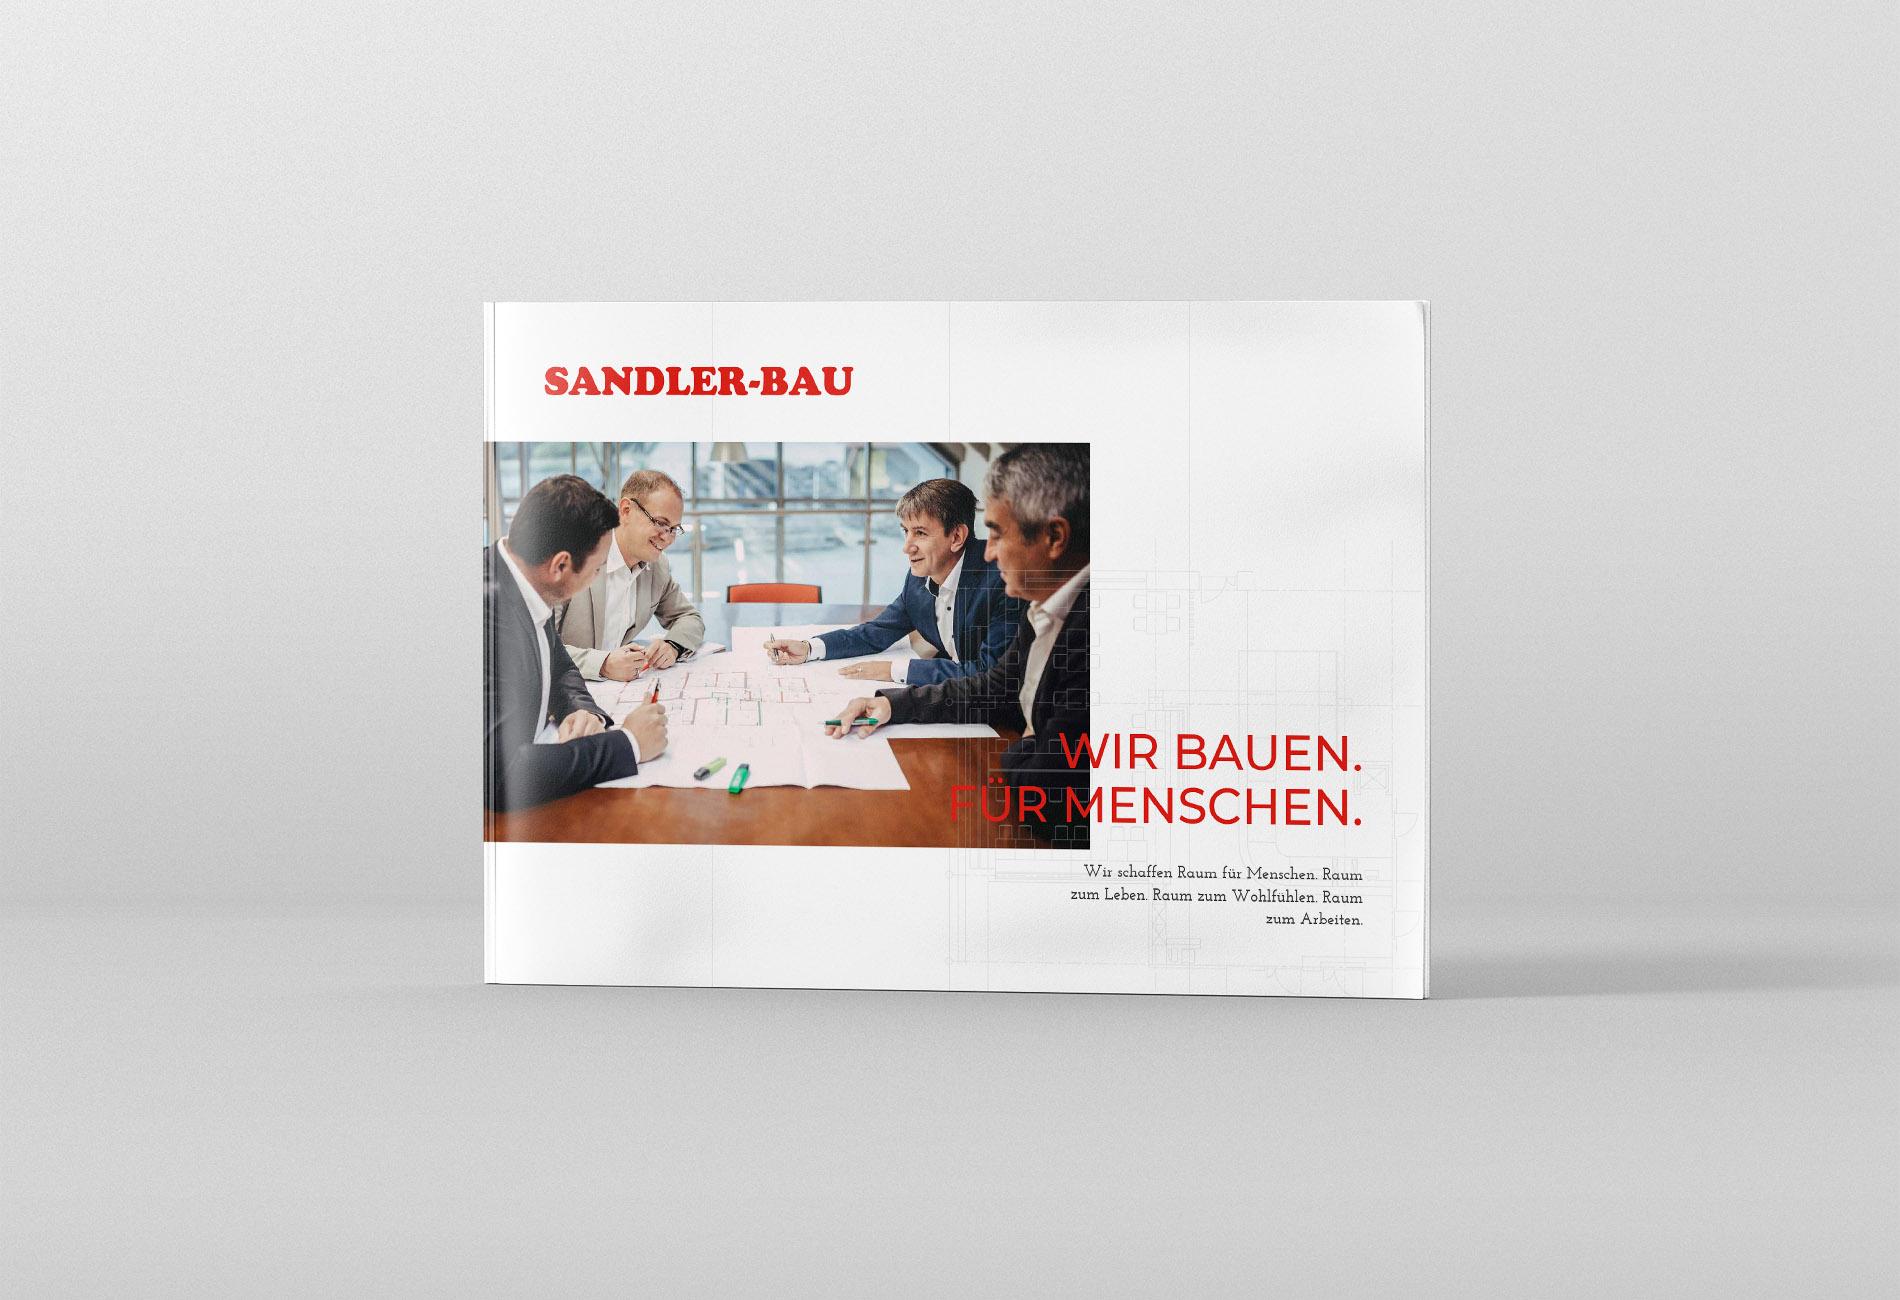 Sandler-Bau